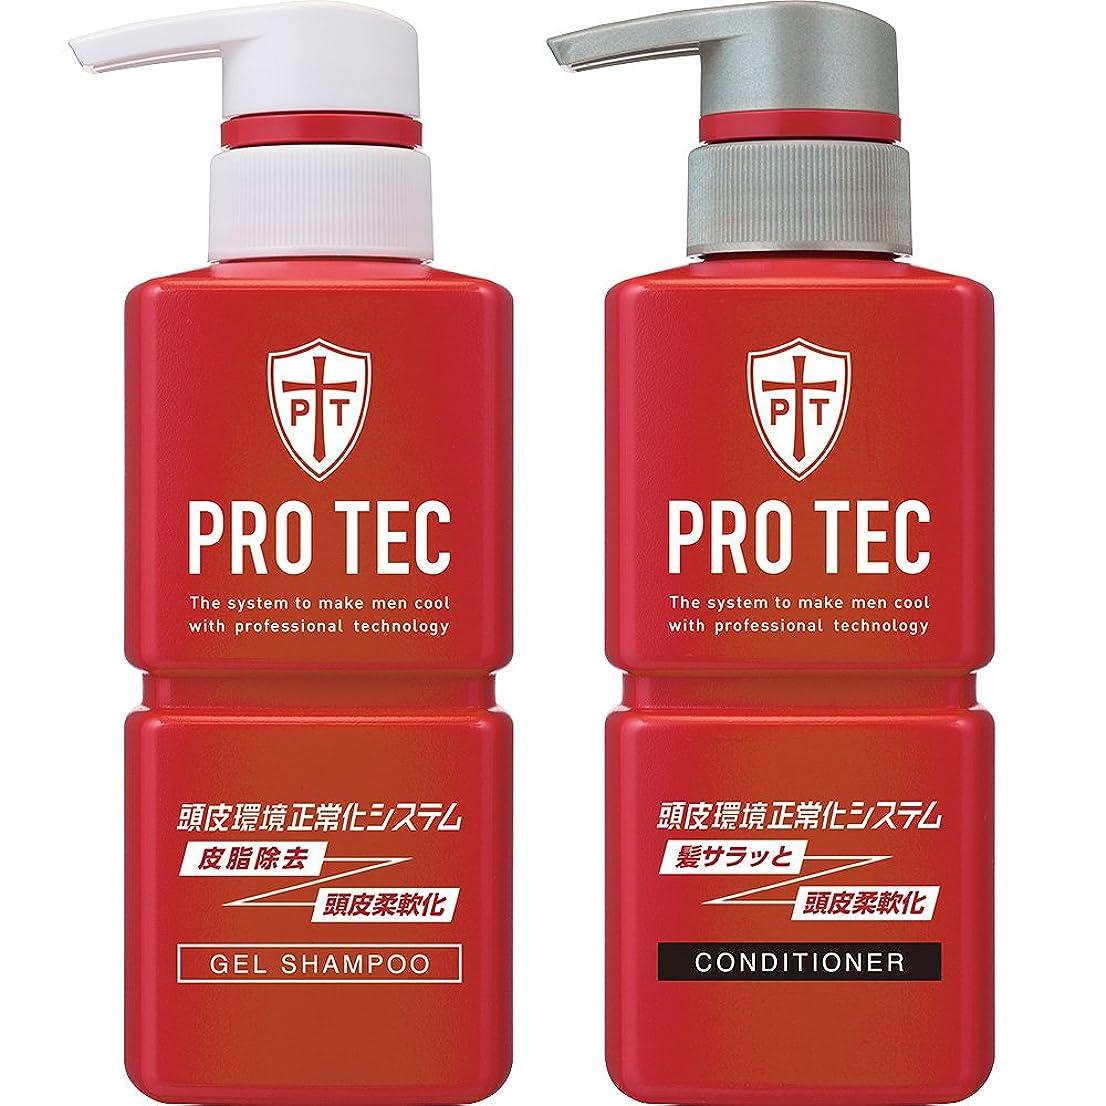 歪めるプレゼン背景PRO TEC(プロテク) 頭皮ストレッチ シャンプー ポンプ 300g(医薬部外品)+ コンディショナー ポンプ 300g